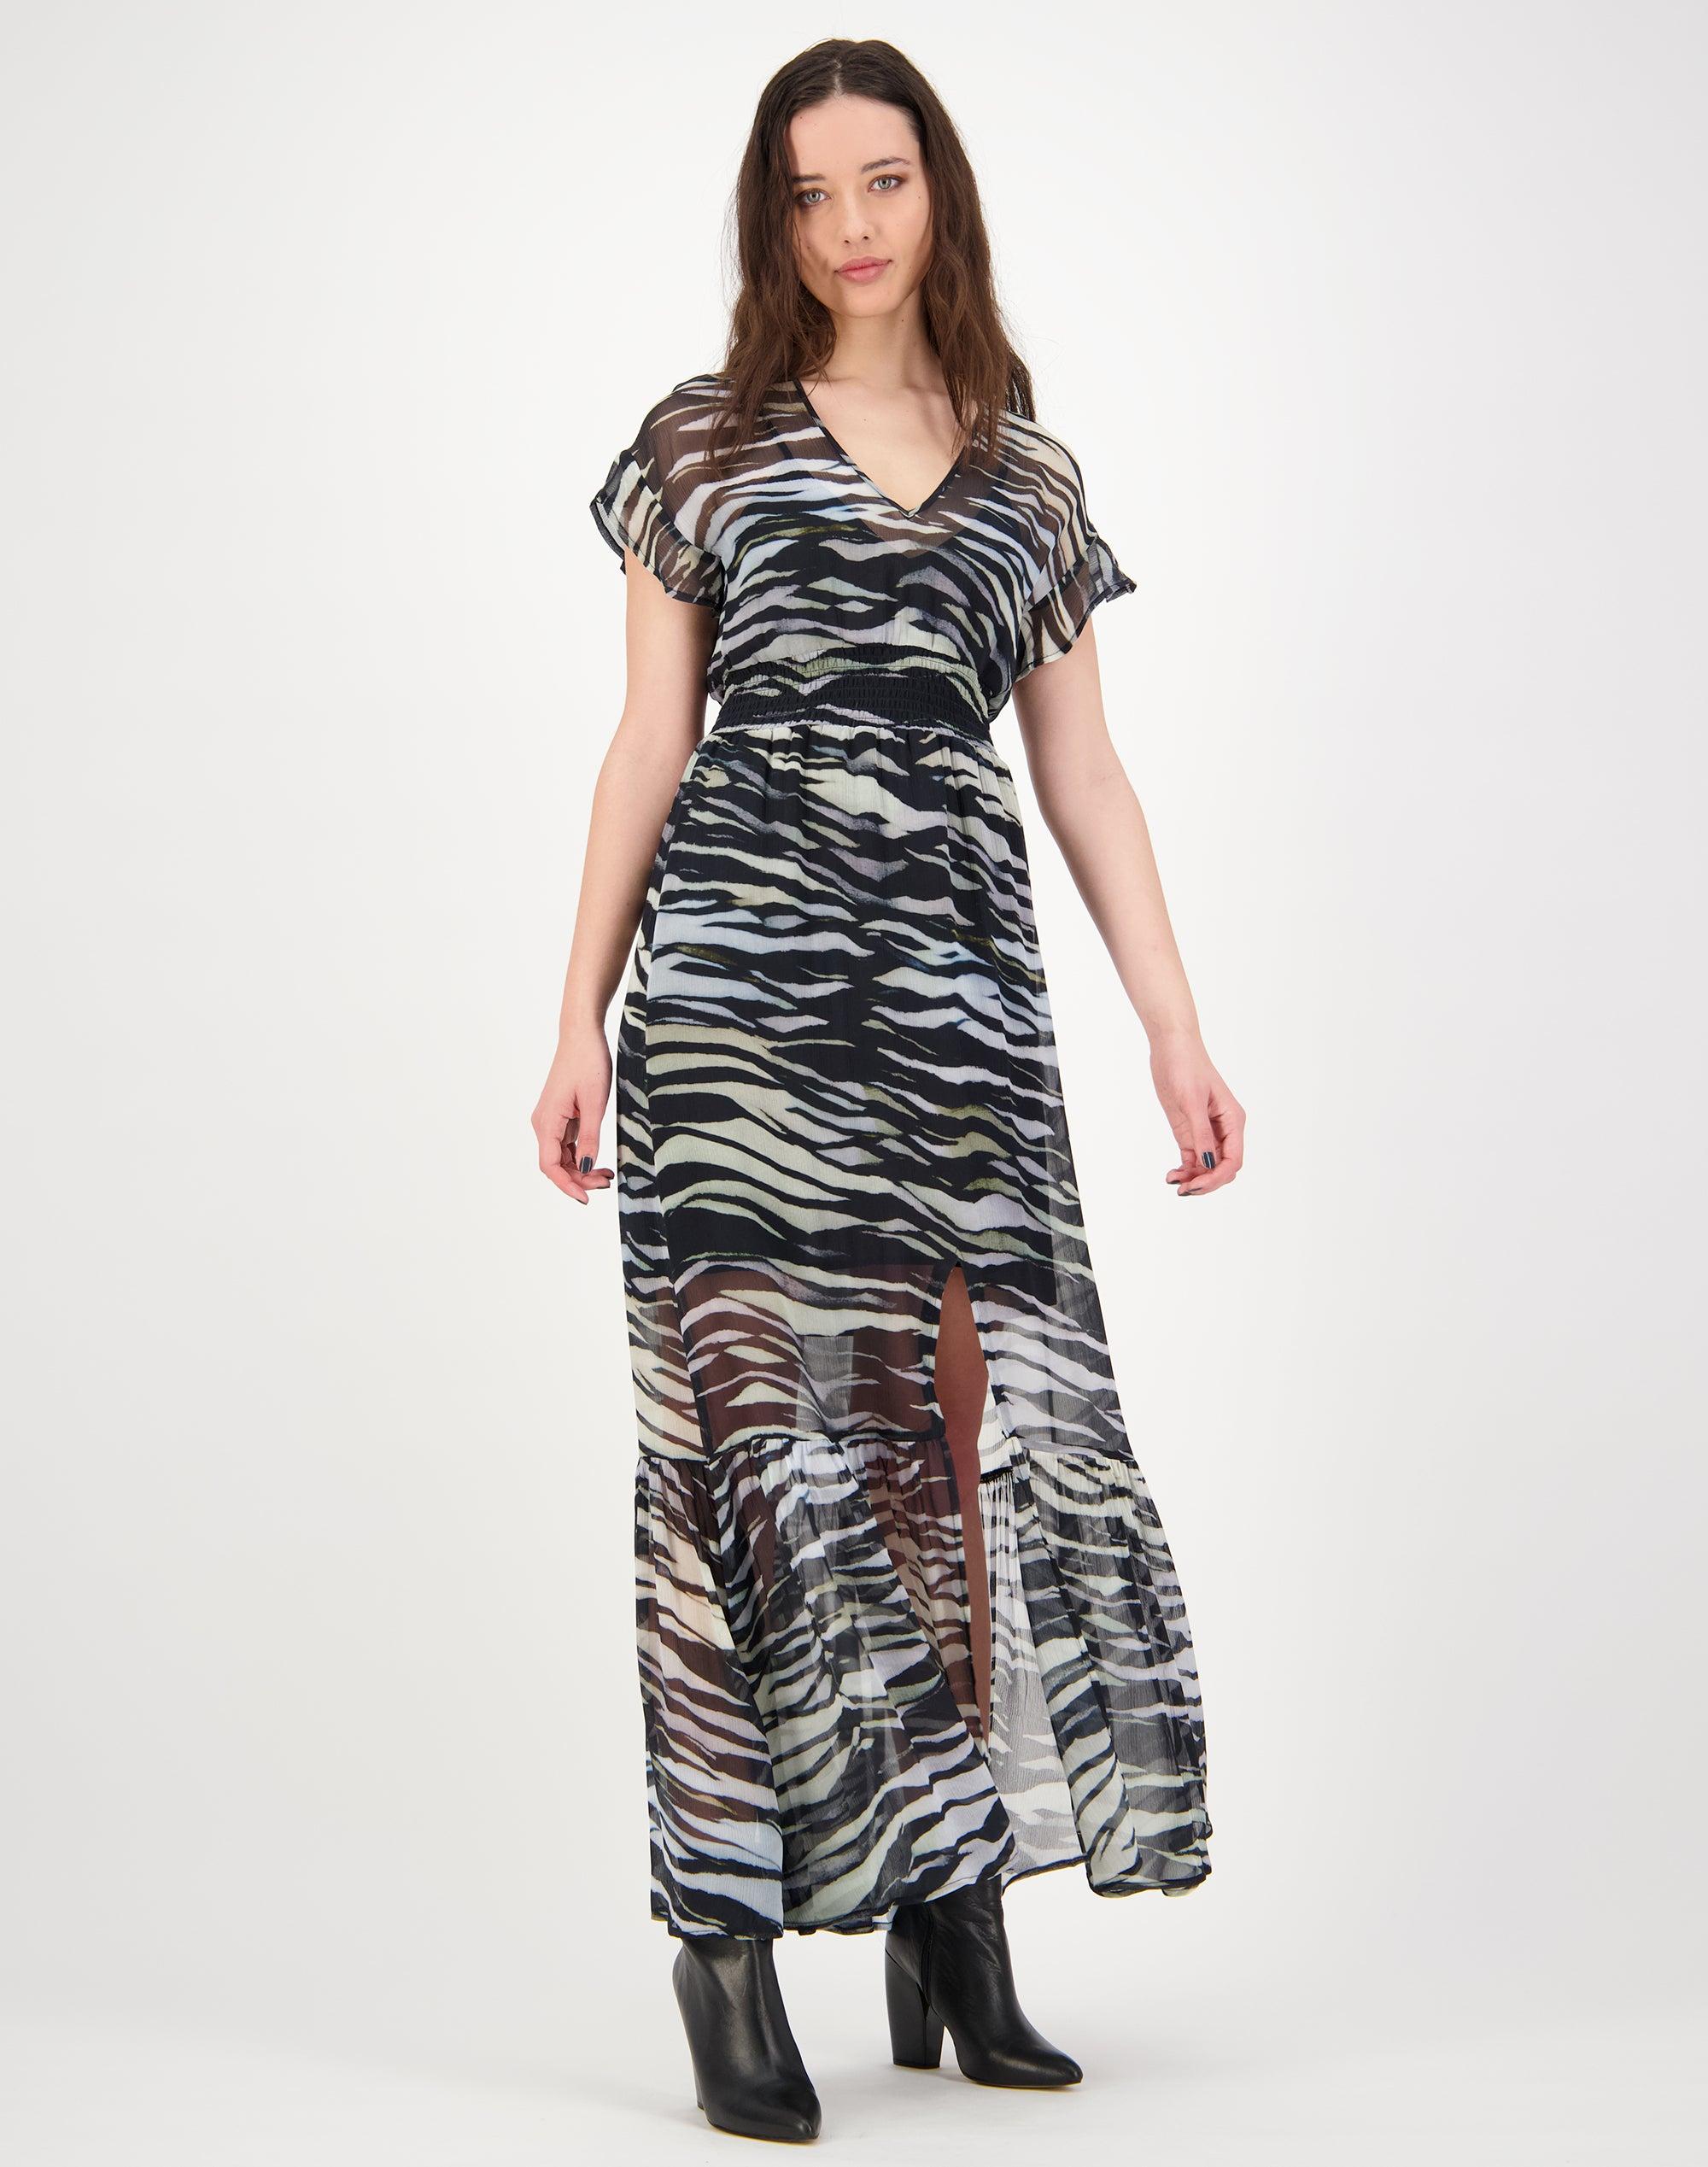 Wild Heart Dress